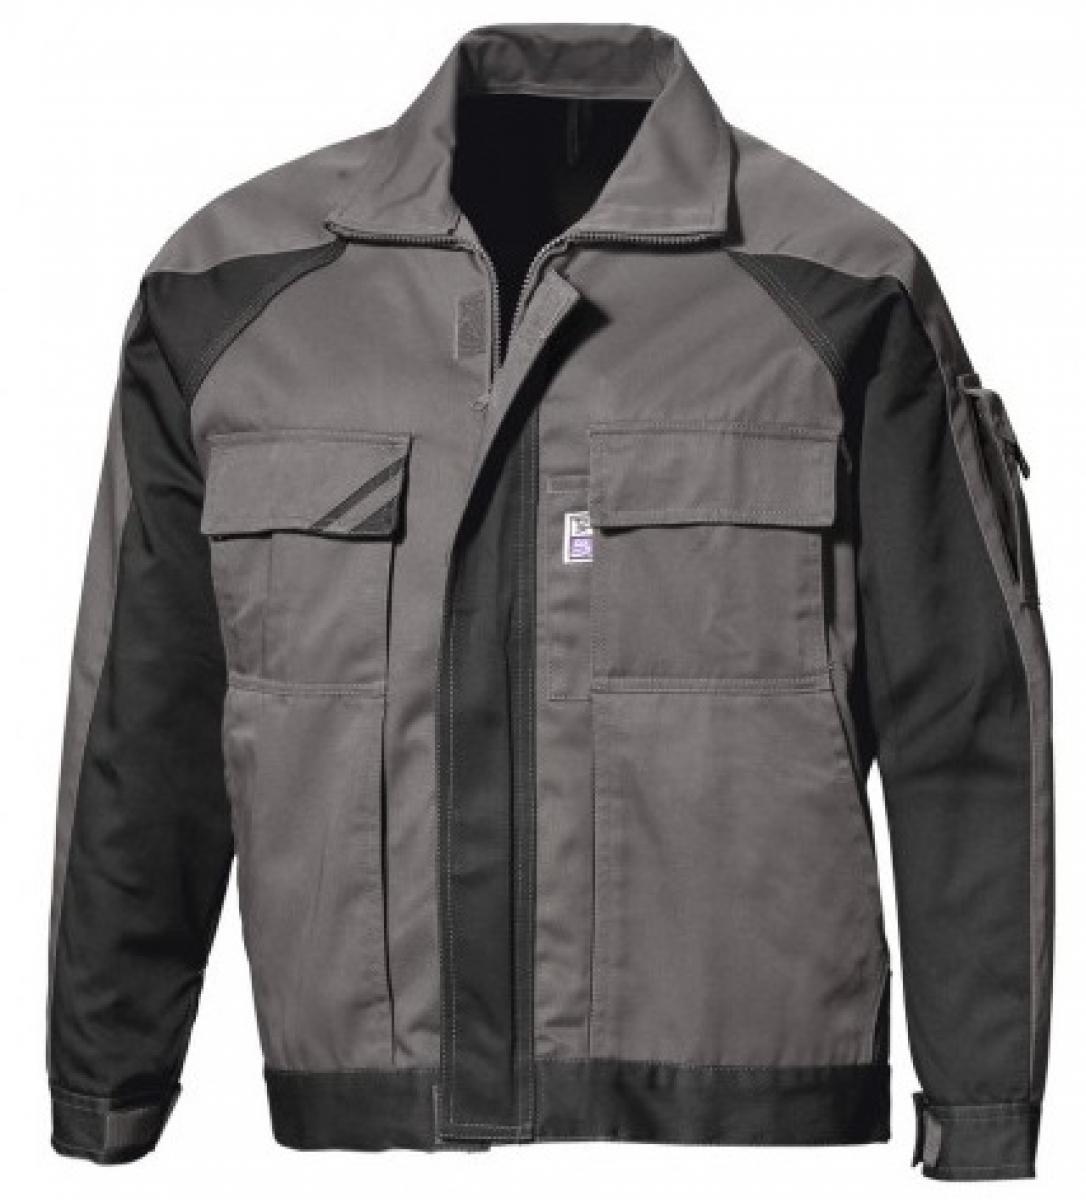 PKA-Arbeits-Berufs-Bund-Jacke, Blouson, Threeline Image, MG330, grau/schwarz